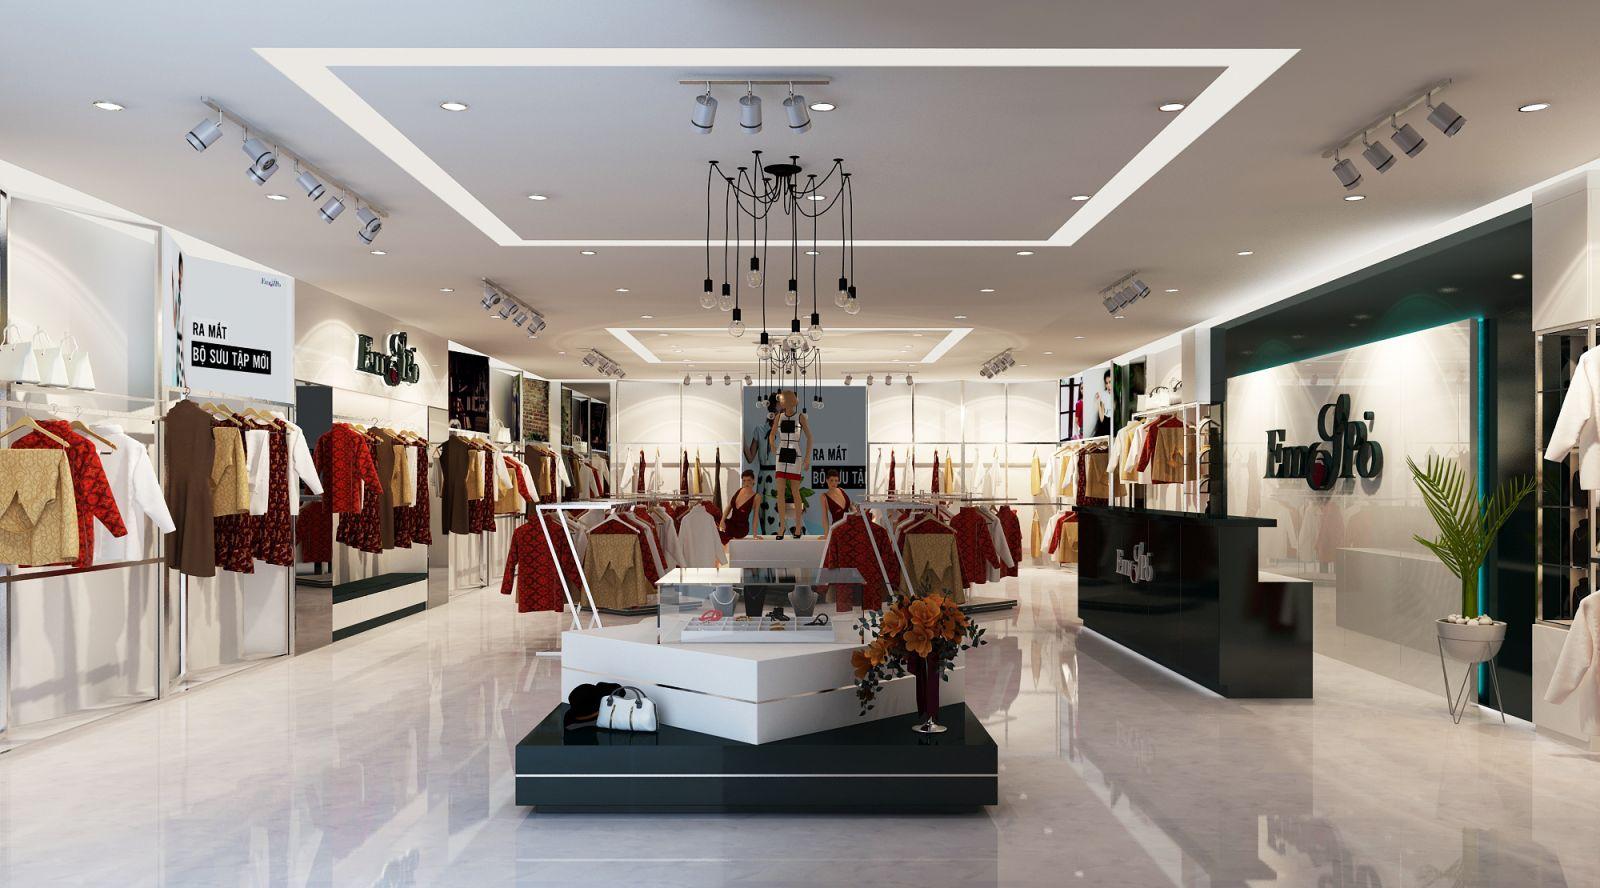 Thi công nội thất showroom quần áo